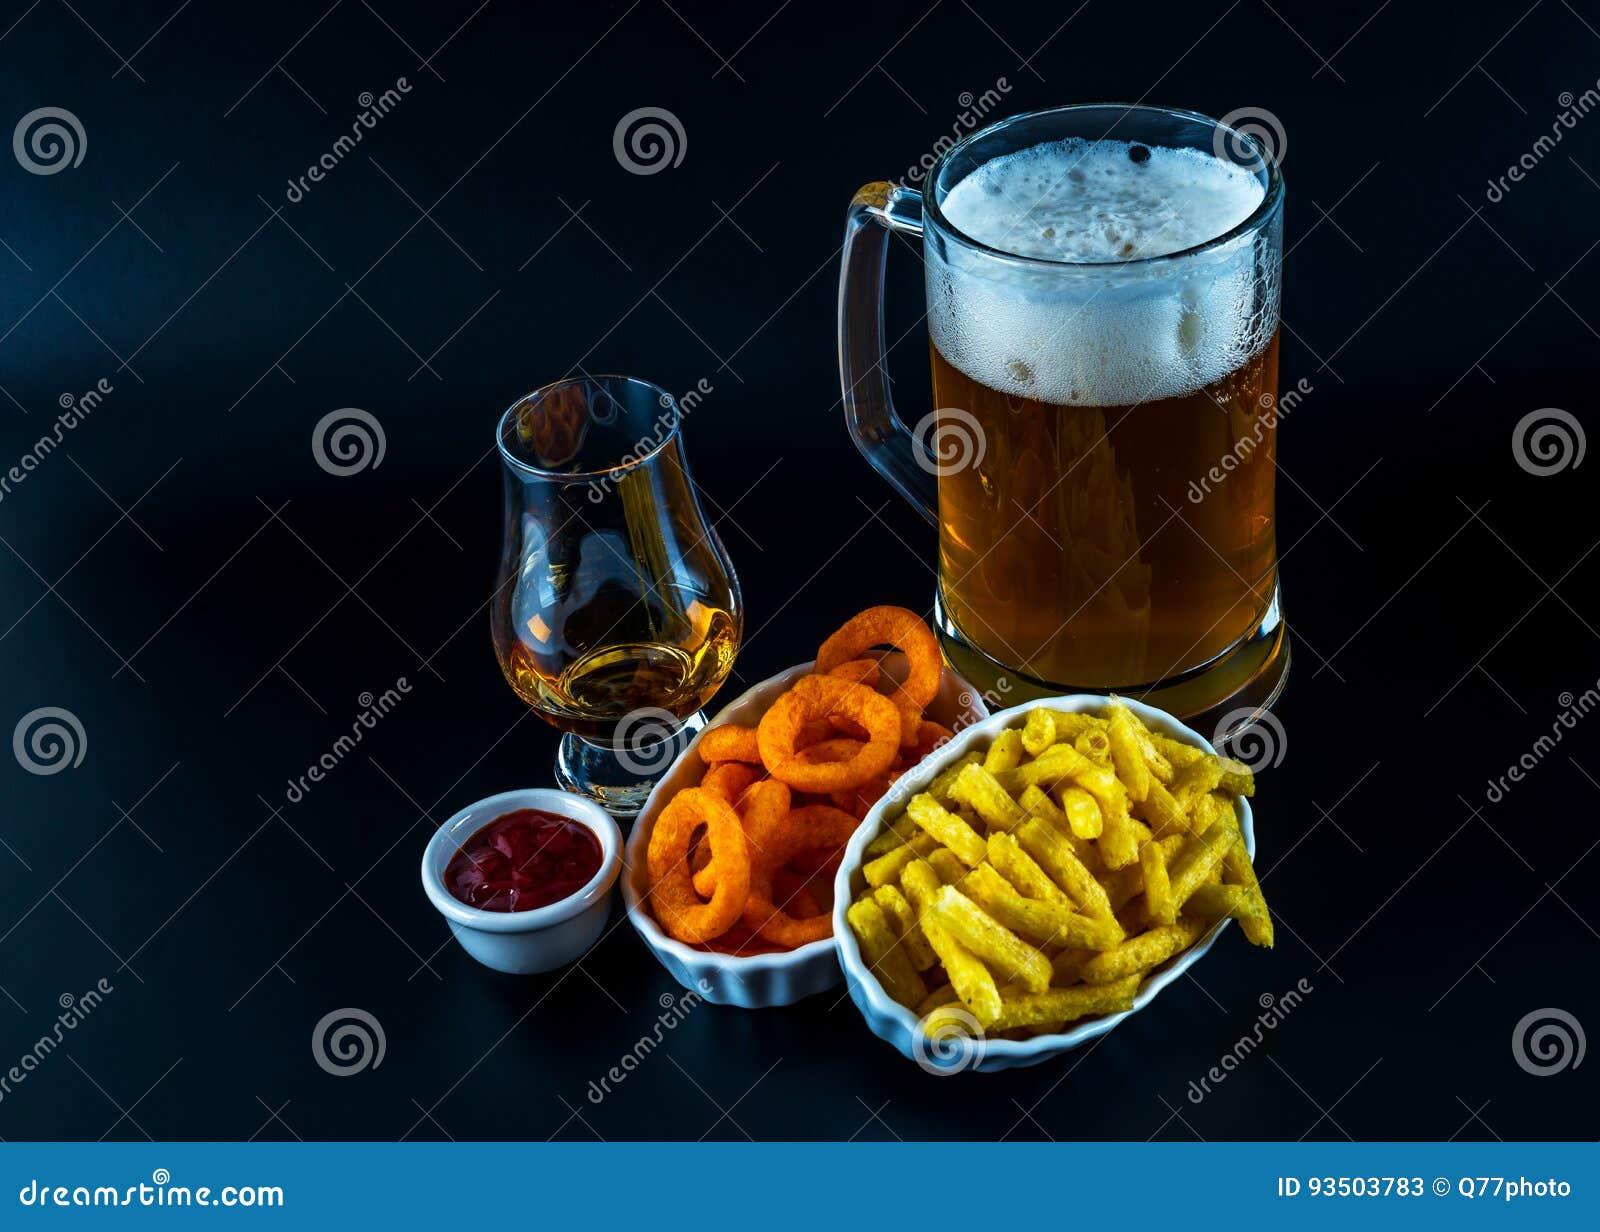 Reeks van snacks met verschillende onderdompelingen, enig mout in een glas en pi